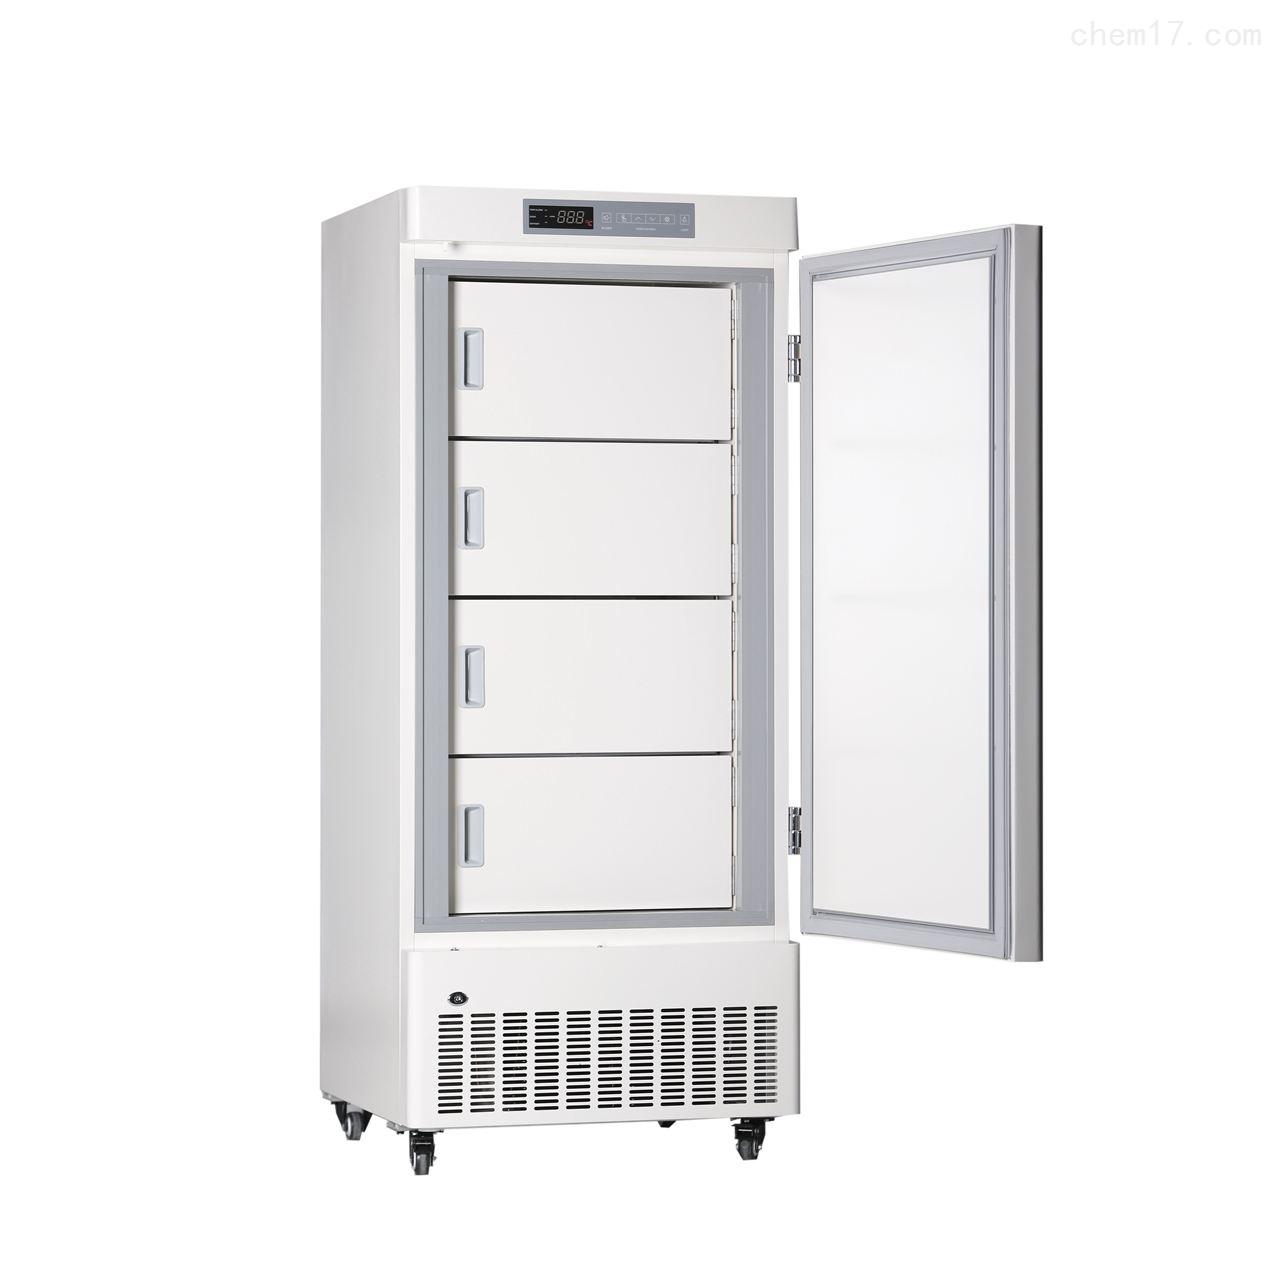 立式国产超低温冰箱价格 BDF86V348型